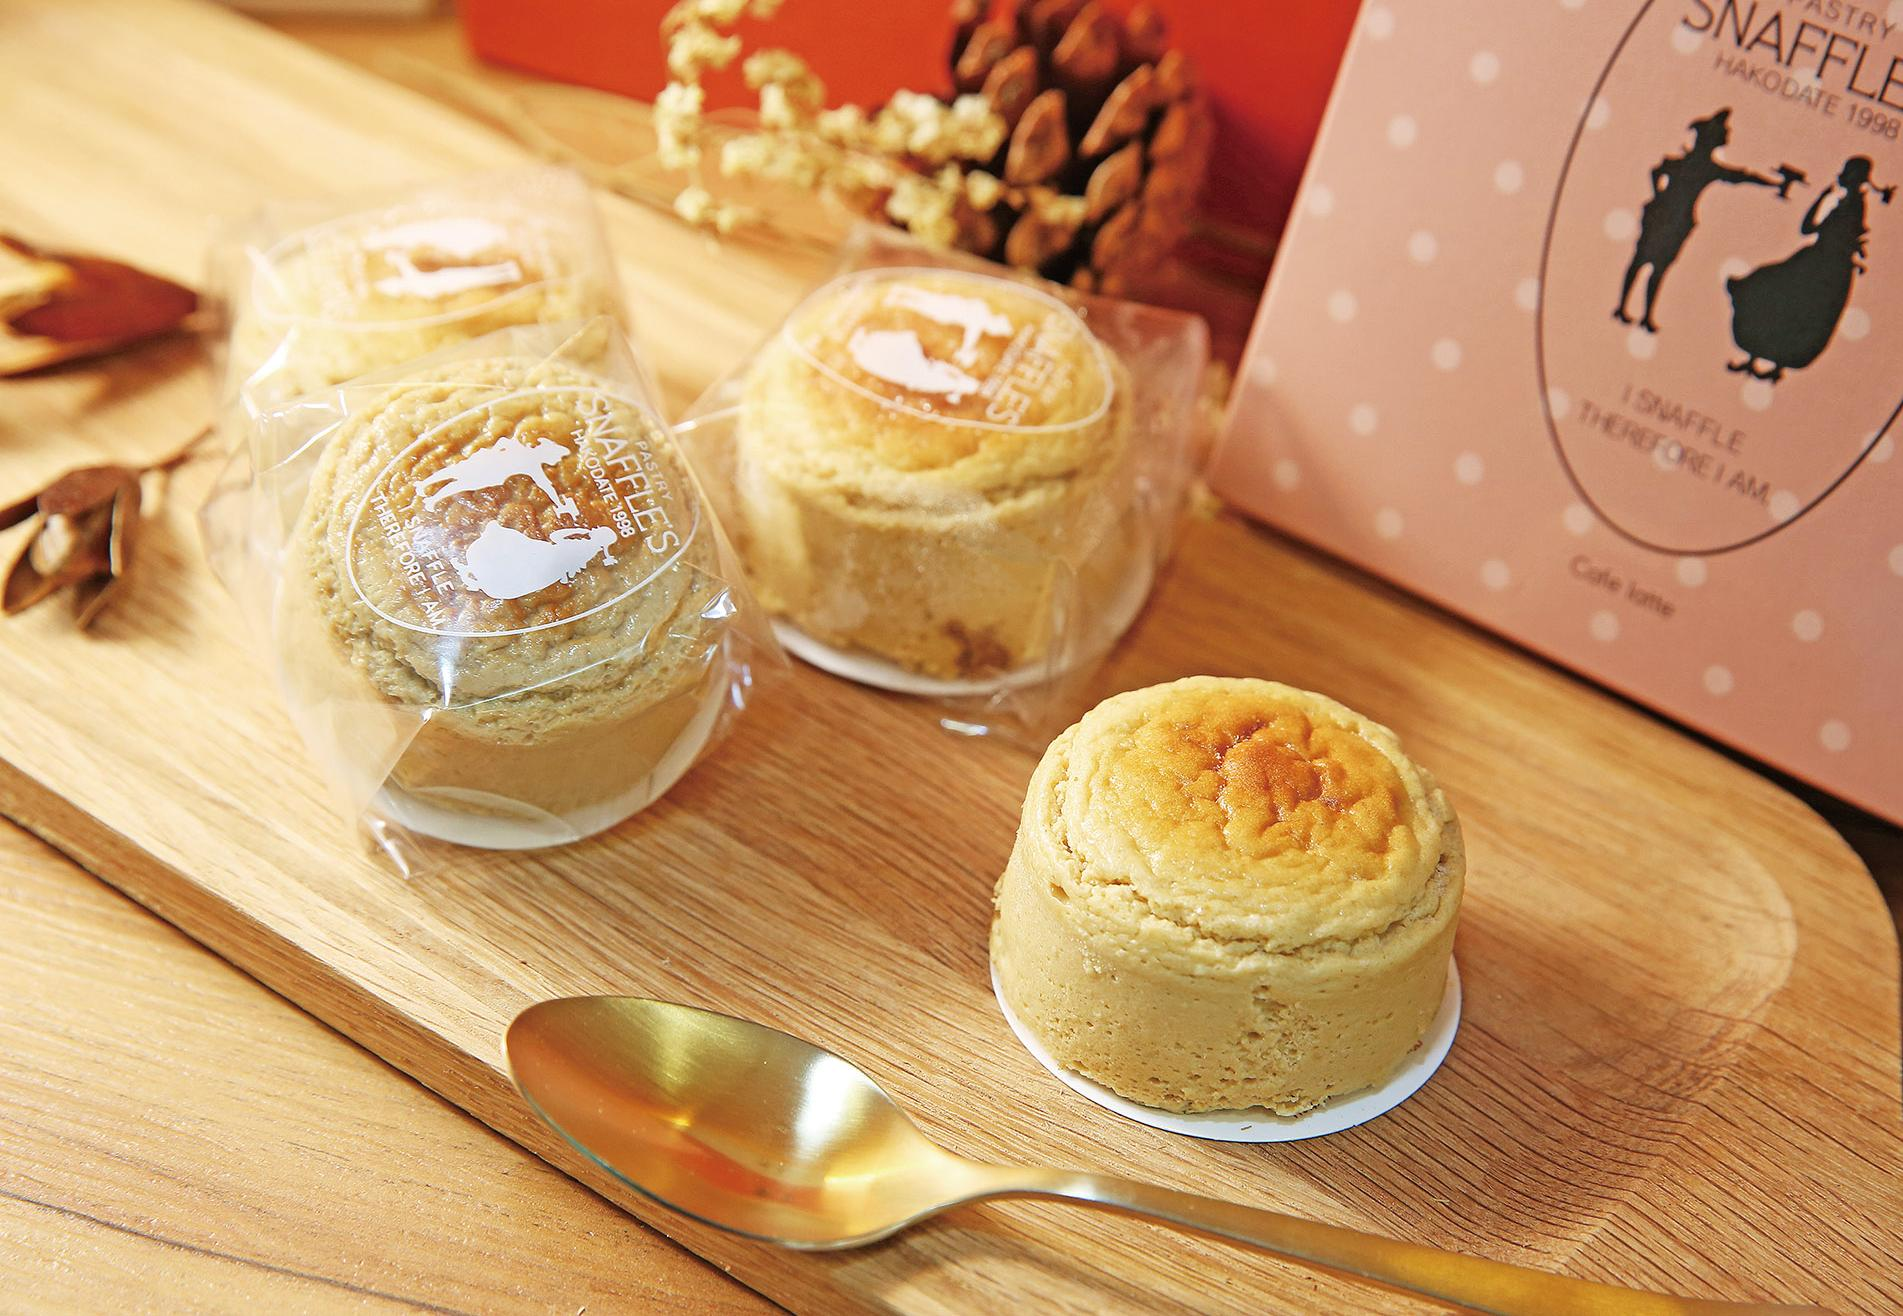 北海道蛋糕追加新味